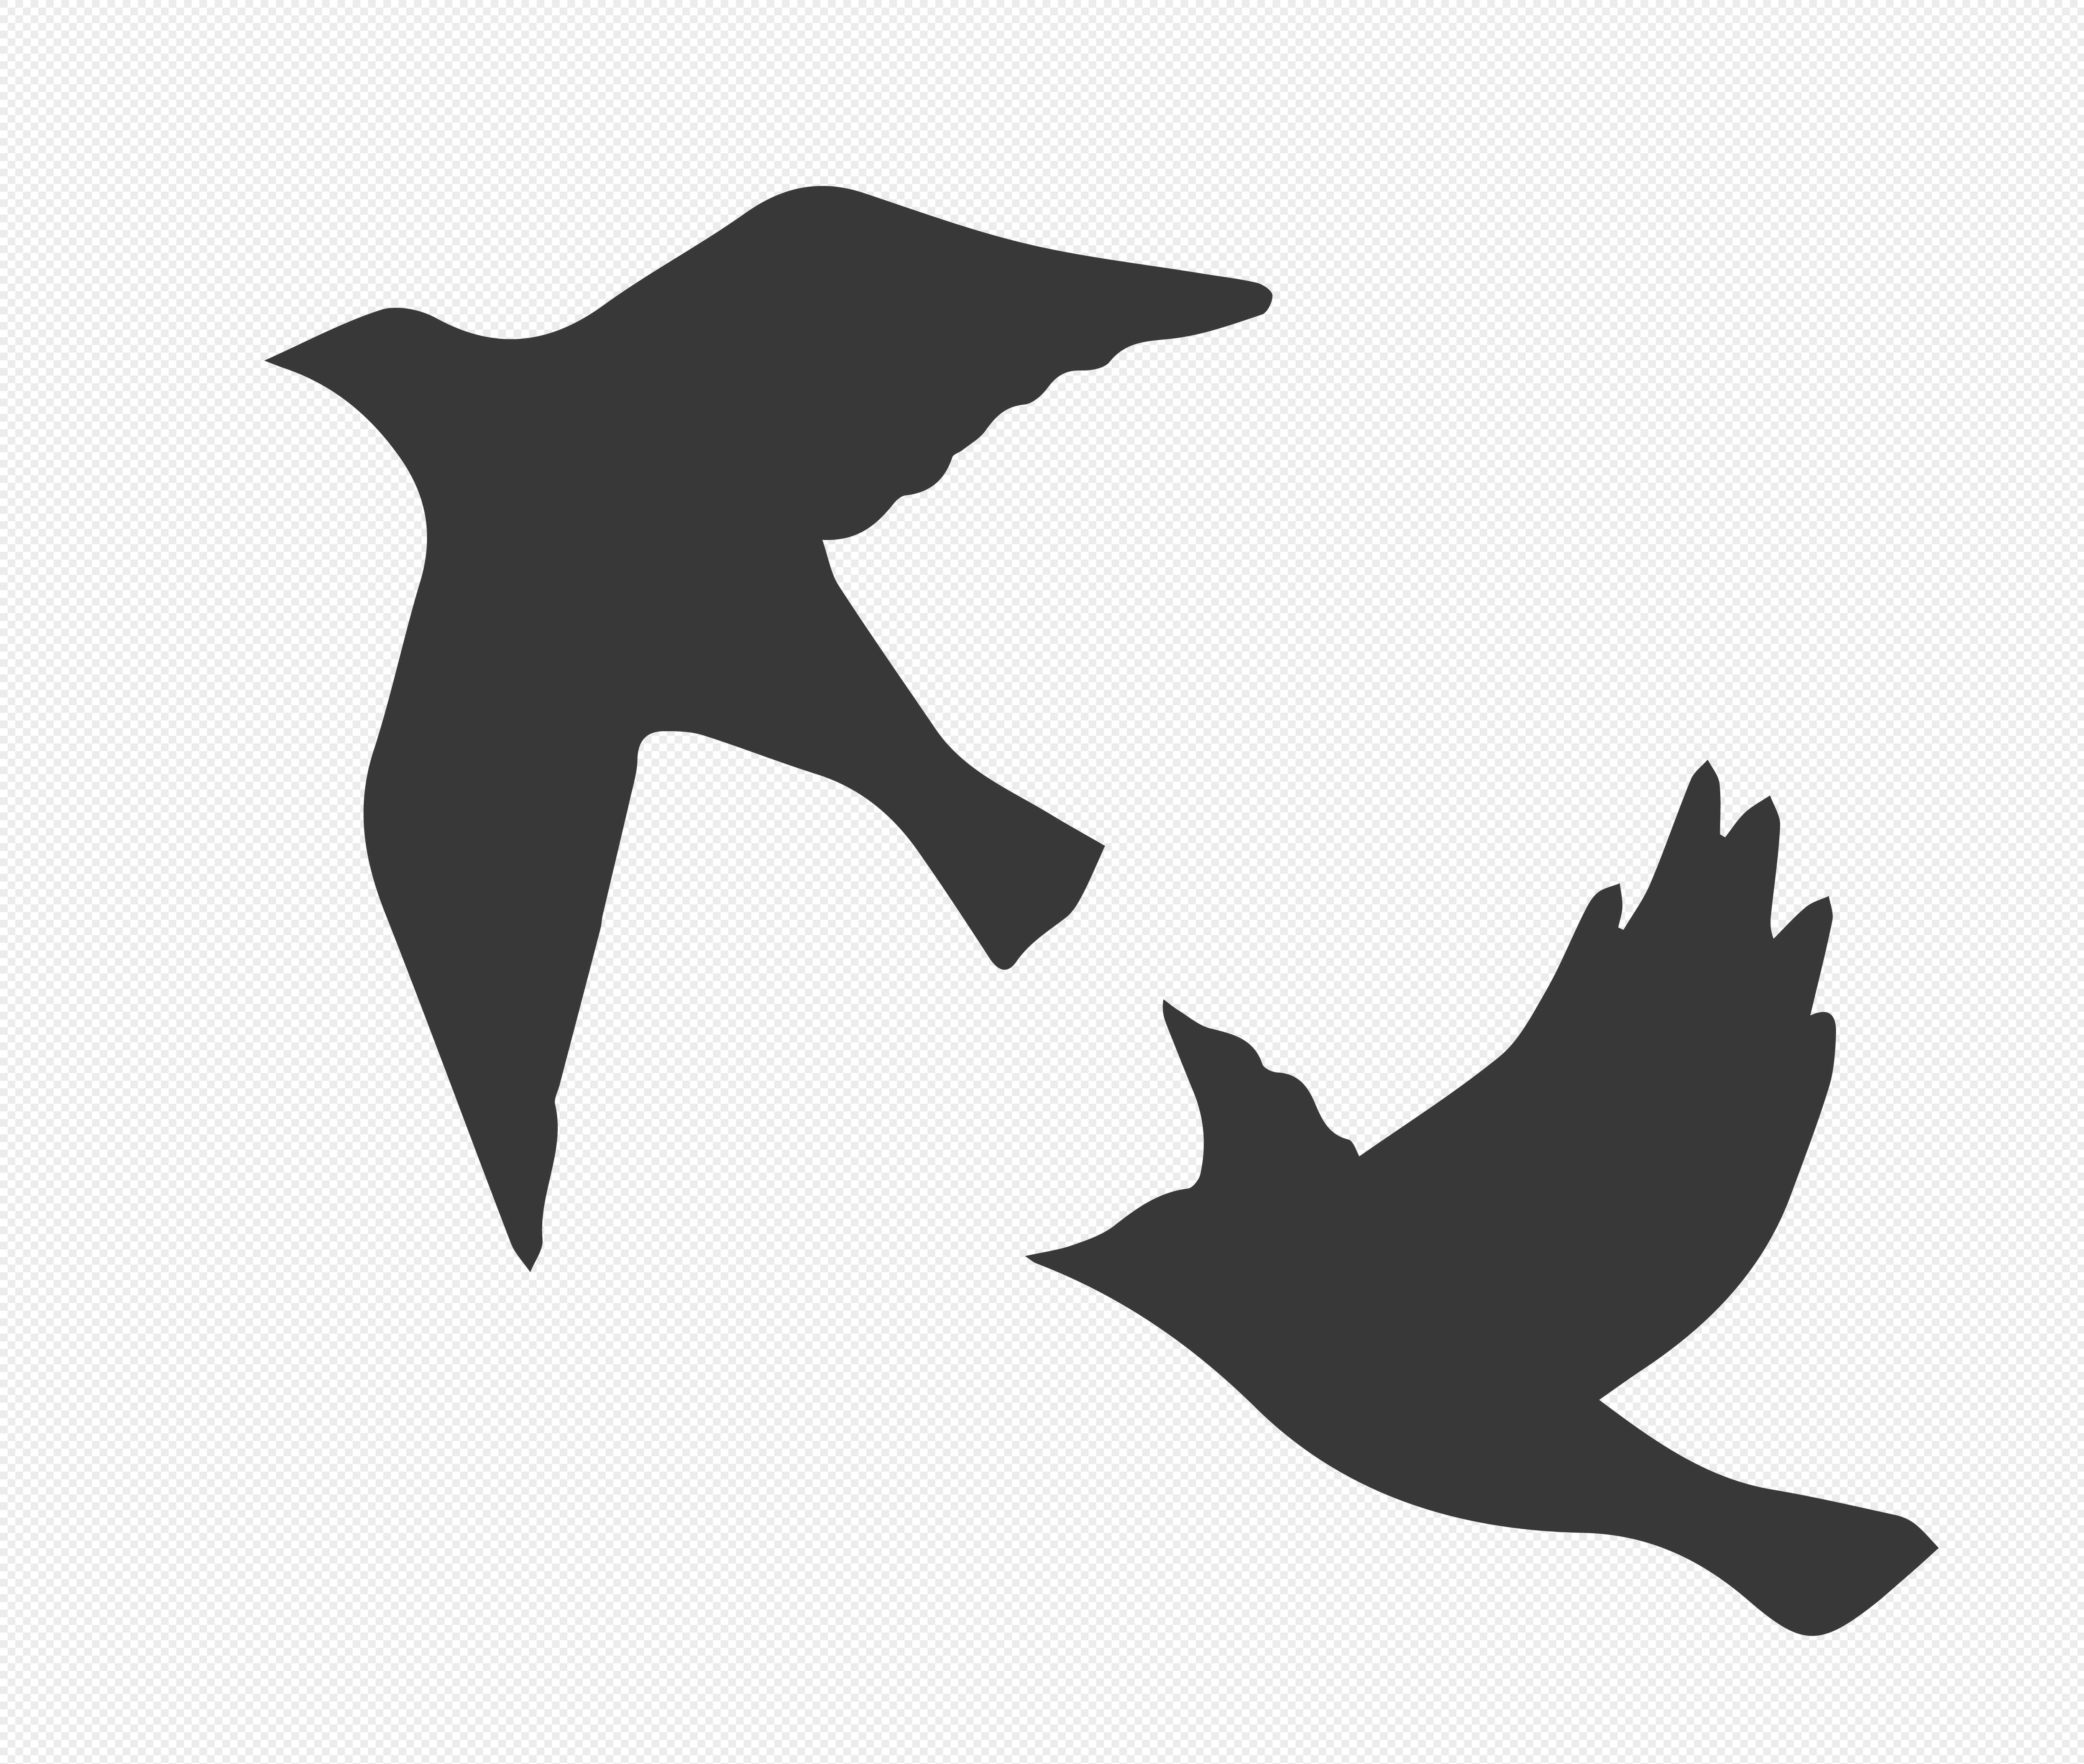 图片 素材 手绘/卡通元素 鸽子剪影.